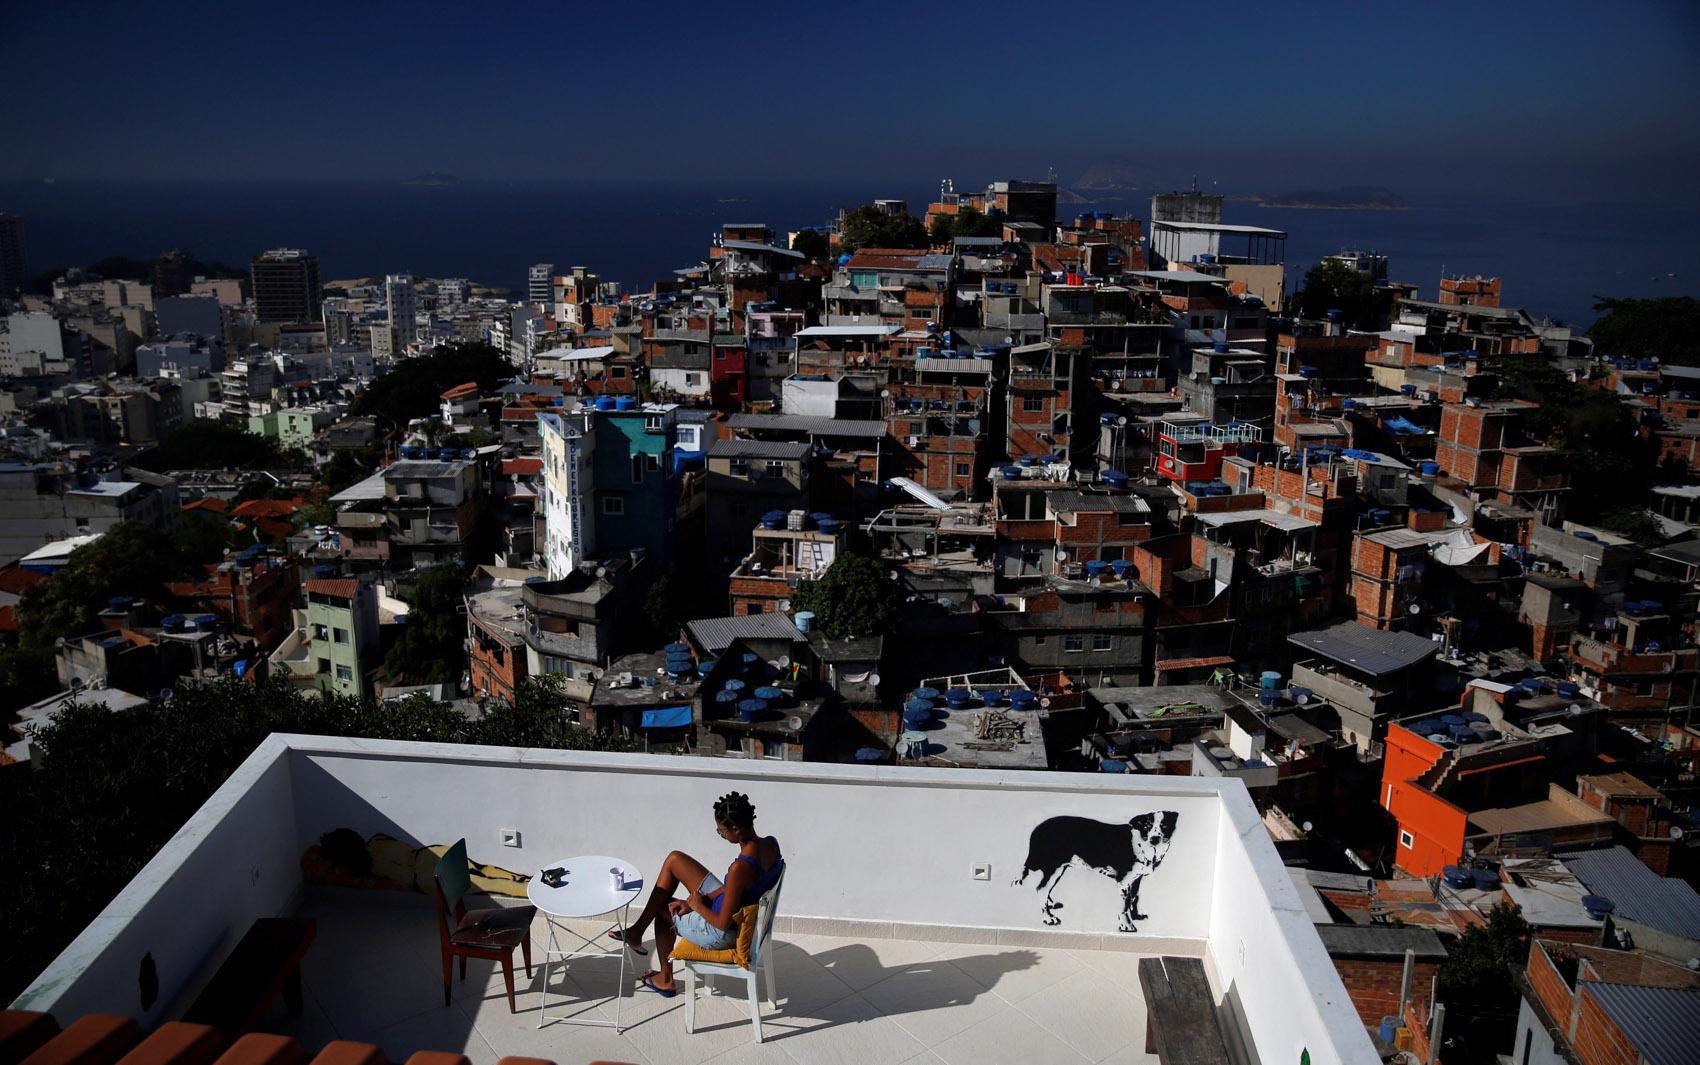 Uma hóspede é vista no terraço do hostel 'Tiki' no morro do Cantagalo, no Rio de Janeiro